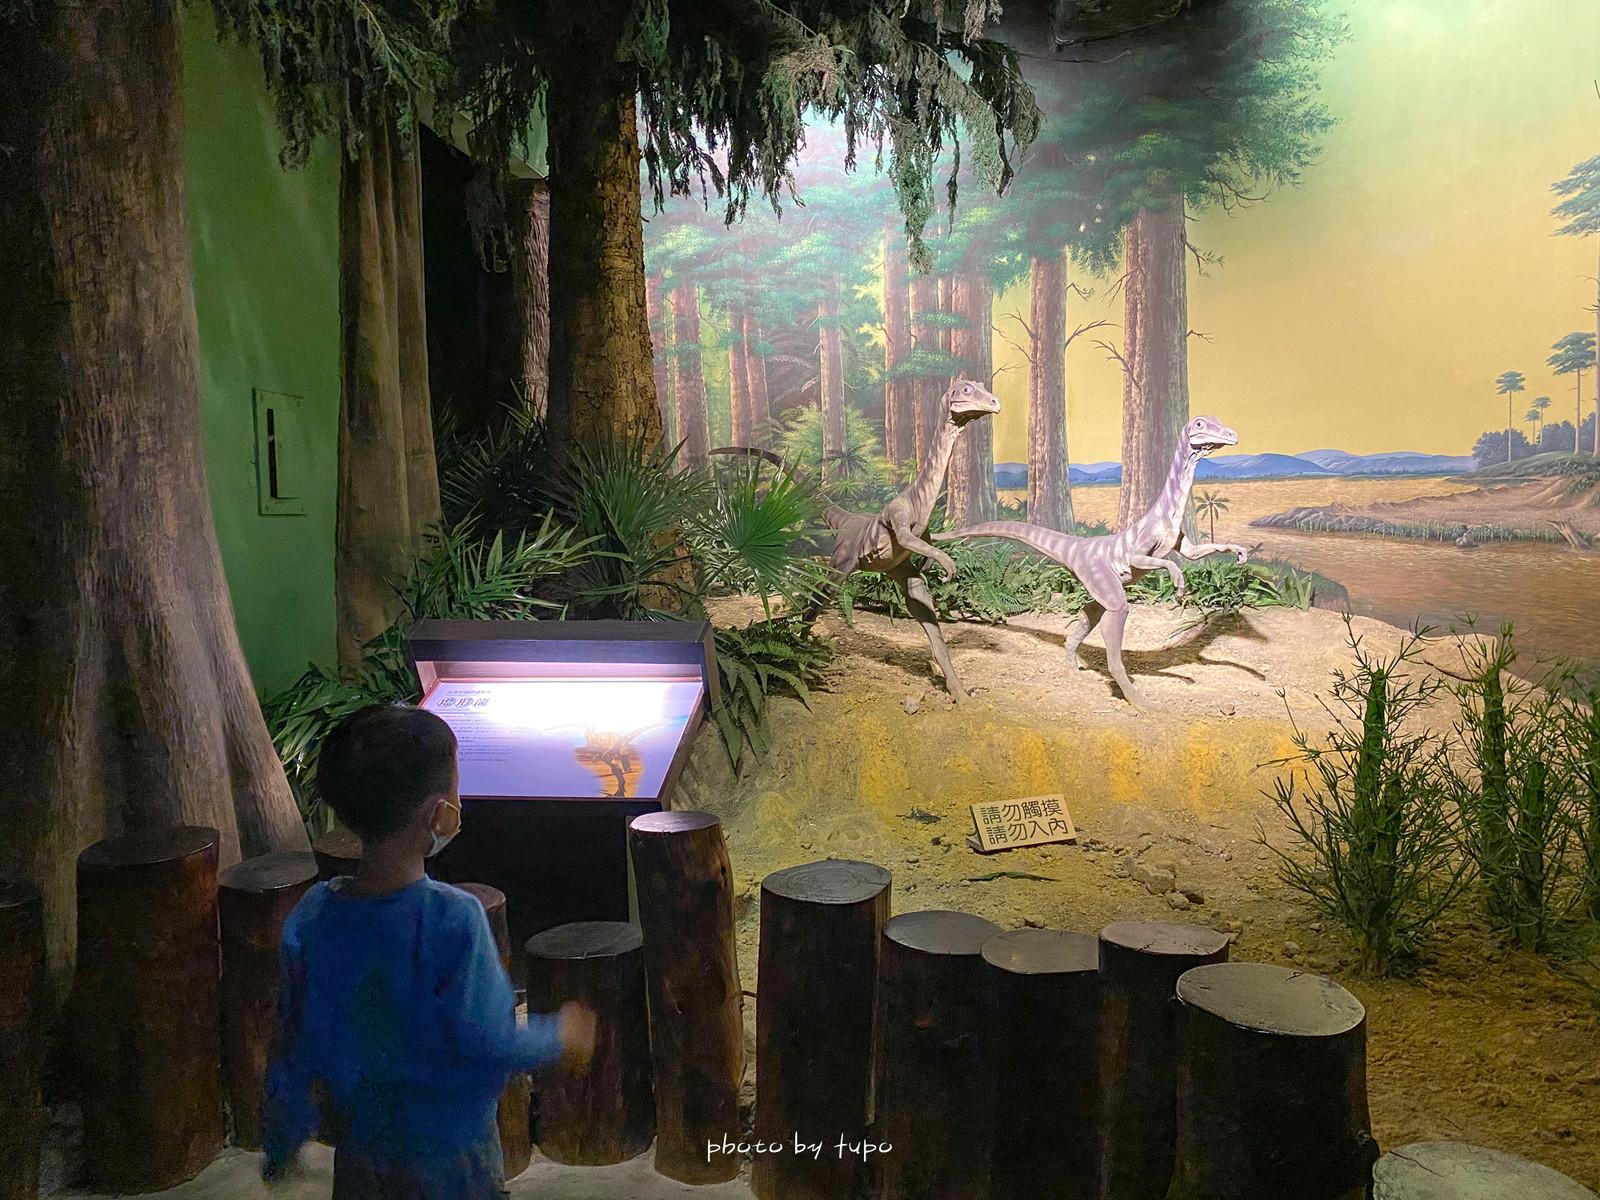 台北新景點》木柵動物園教育中心~銅板景點!! 大人門票20元,小朋友免費~超逼真恐龍探索館,迷你動物園,木柵動物園隱藏室內景點~